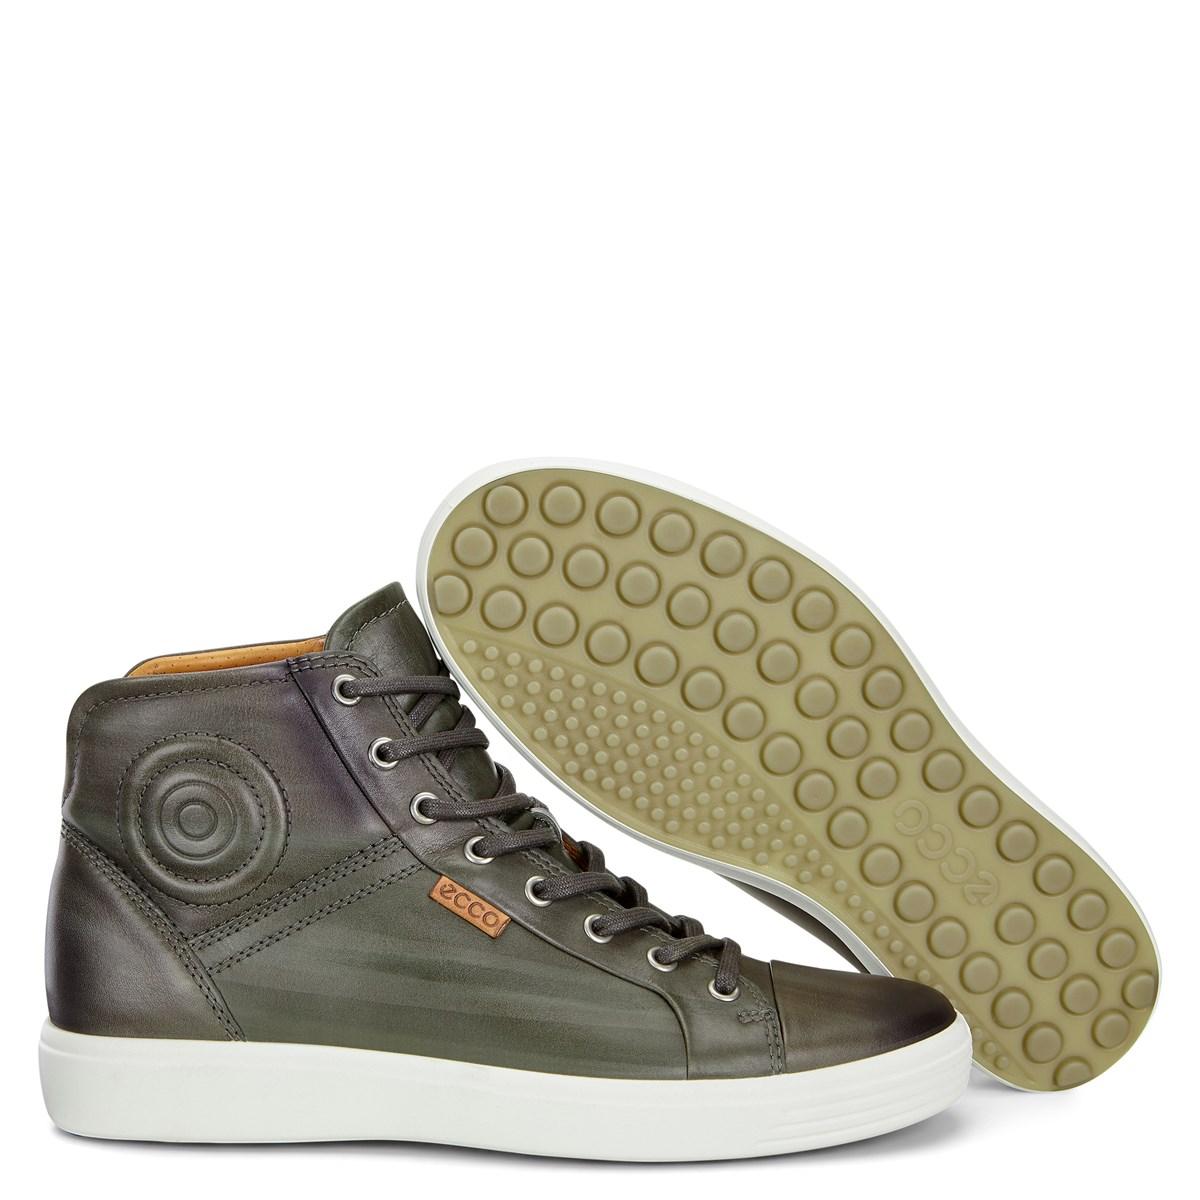 c78e8a53 Boots - SOFT 7 MENS - ECCO Shoes NZ